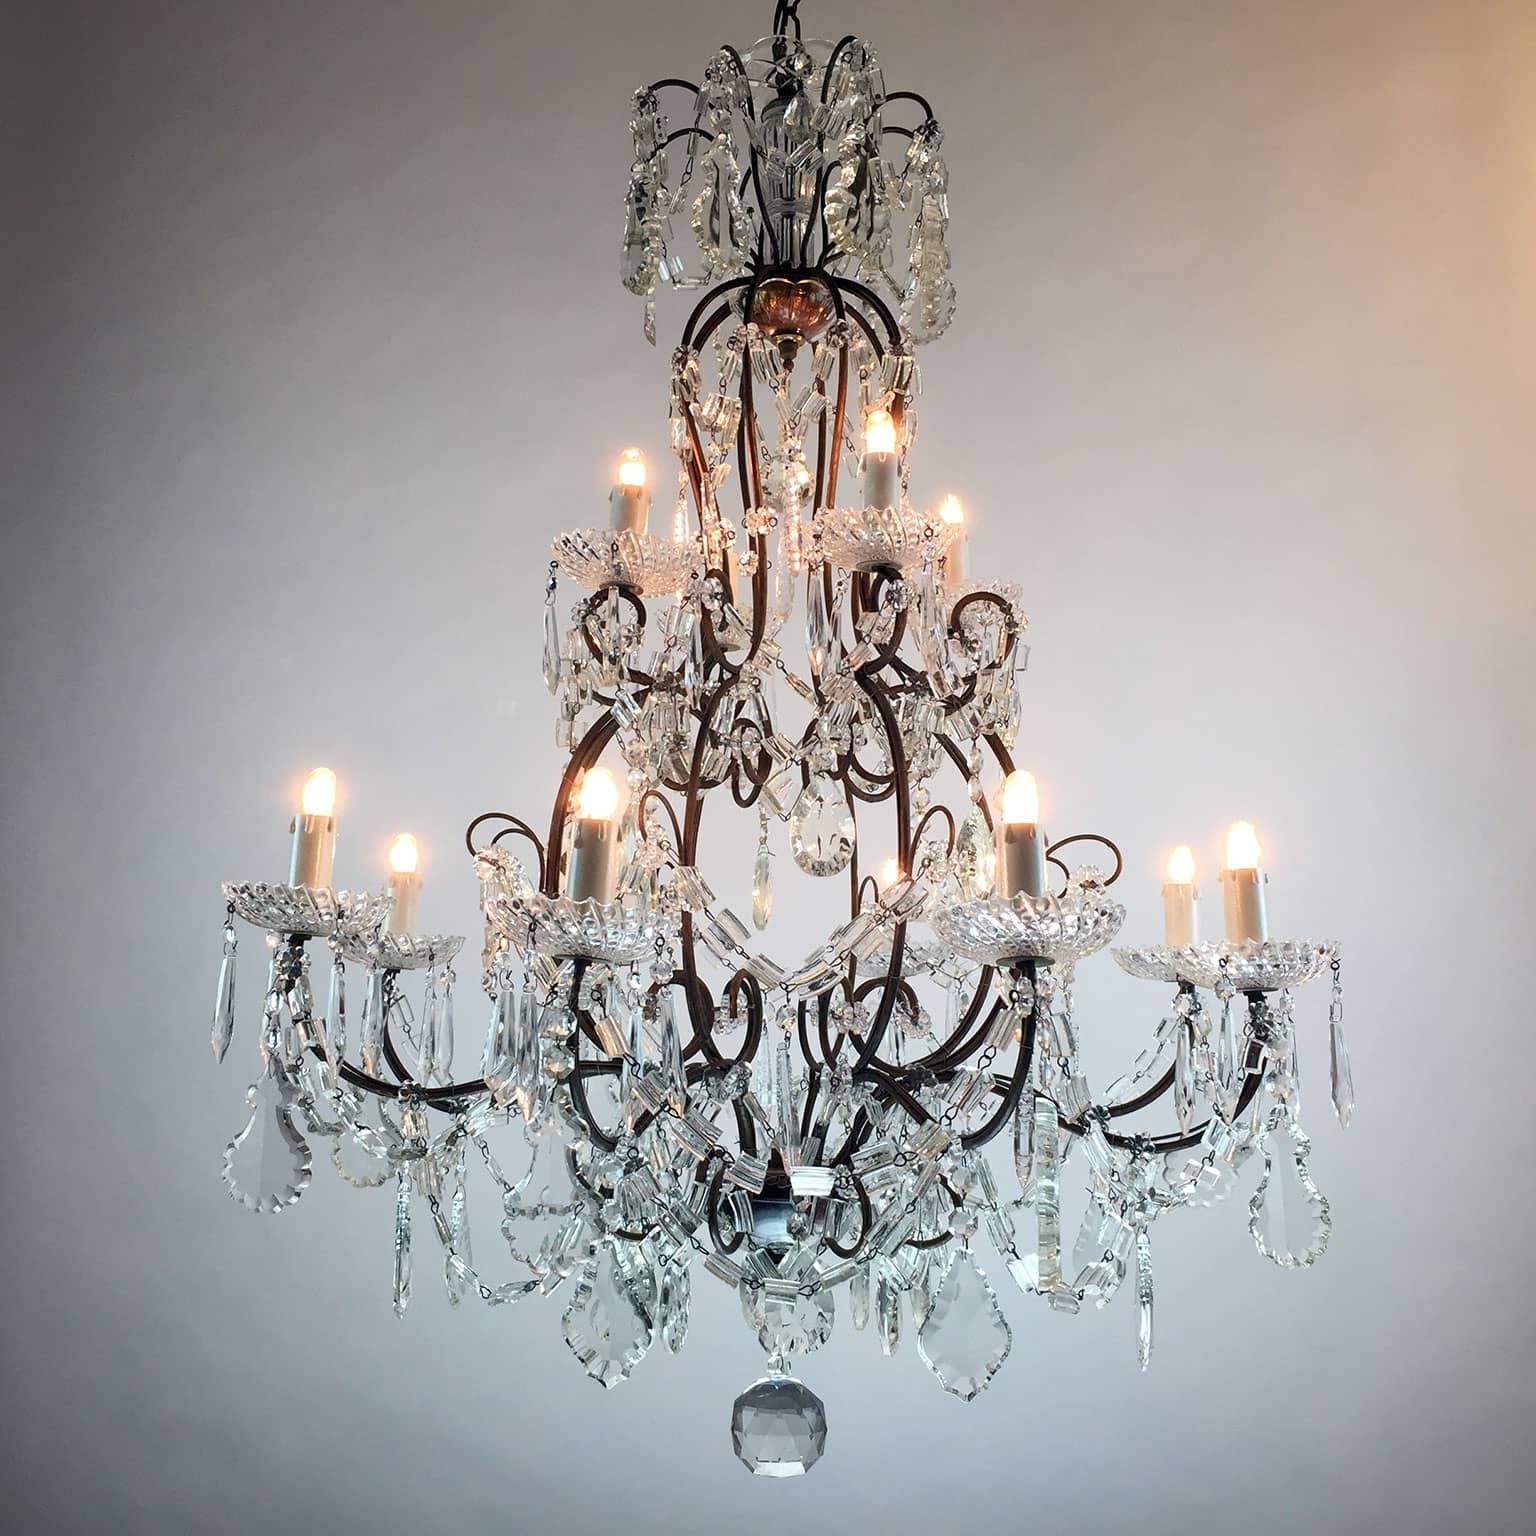 Lampadario Antico in Cristallo a 12 luci